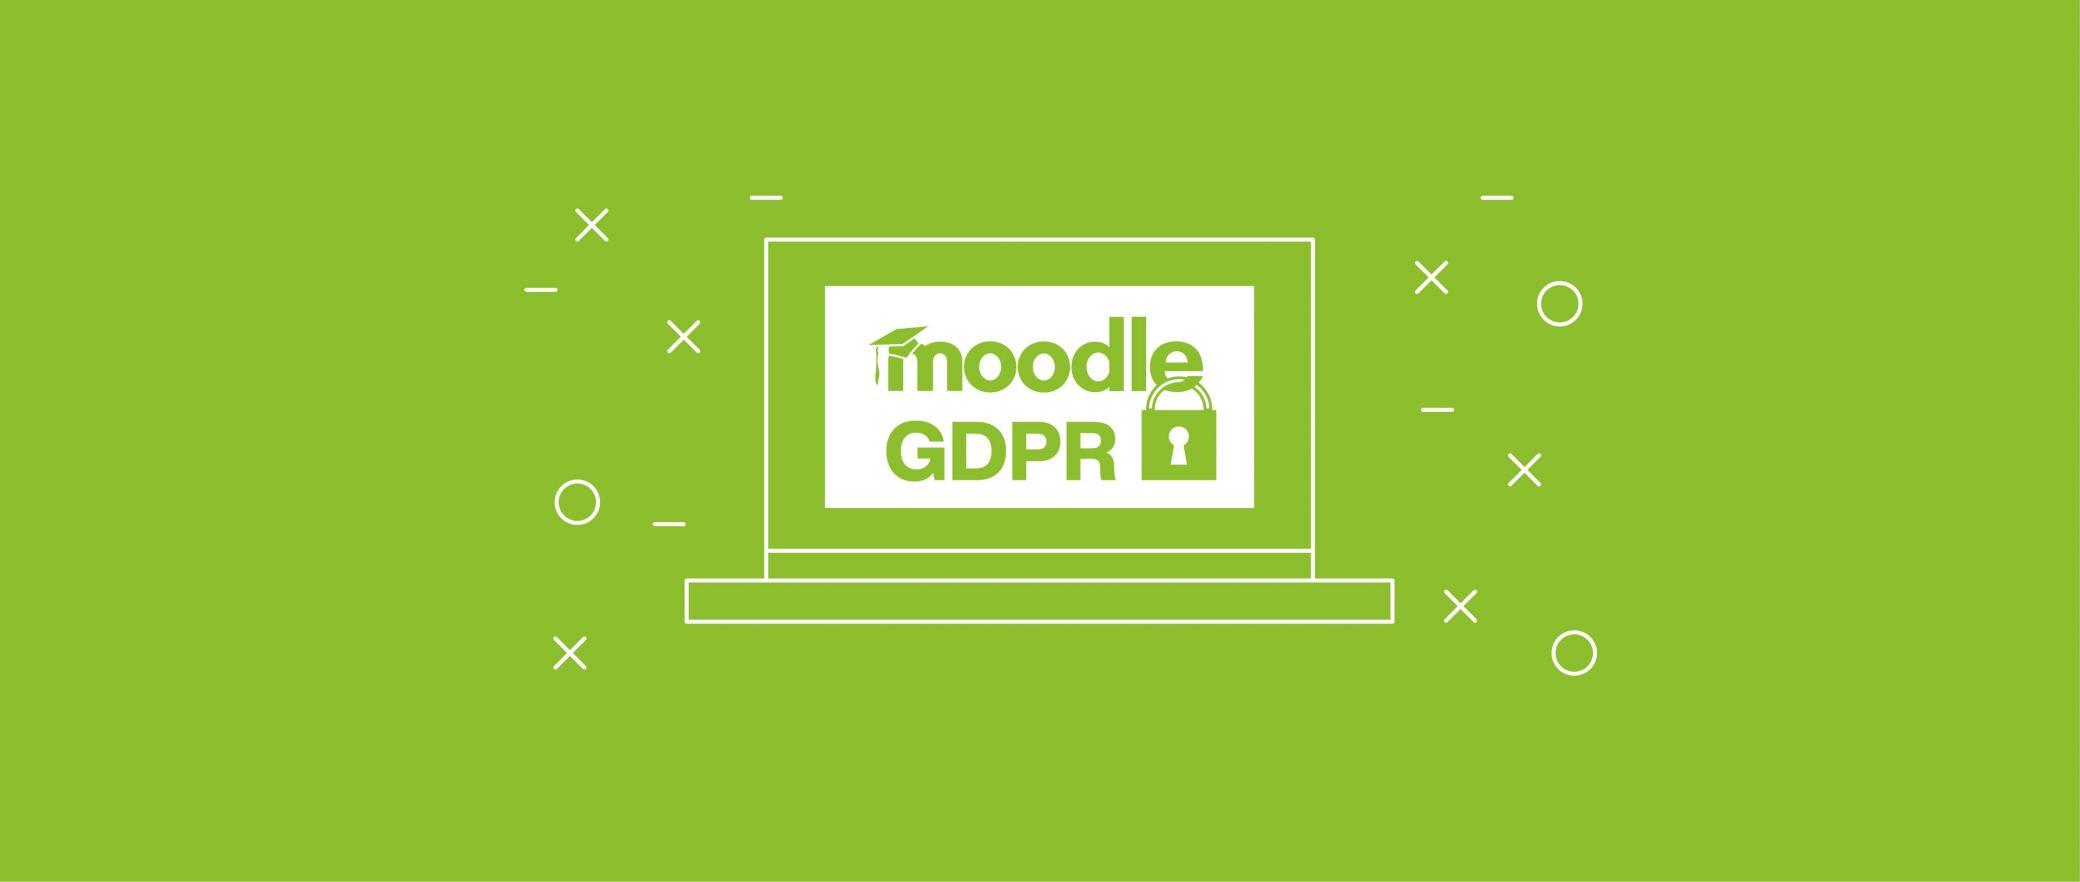 Il tuo GDPR rispetta i criteri di Moodle? Scopri tutte le novità